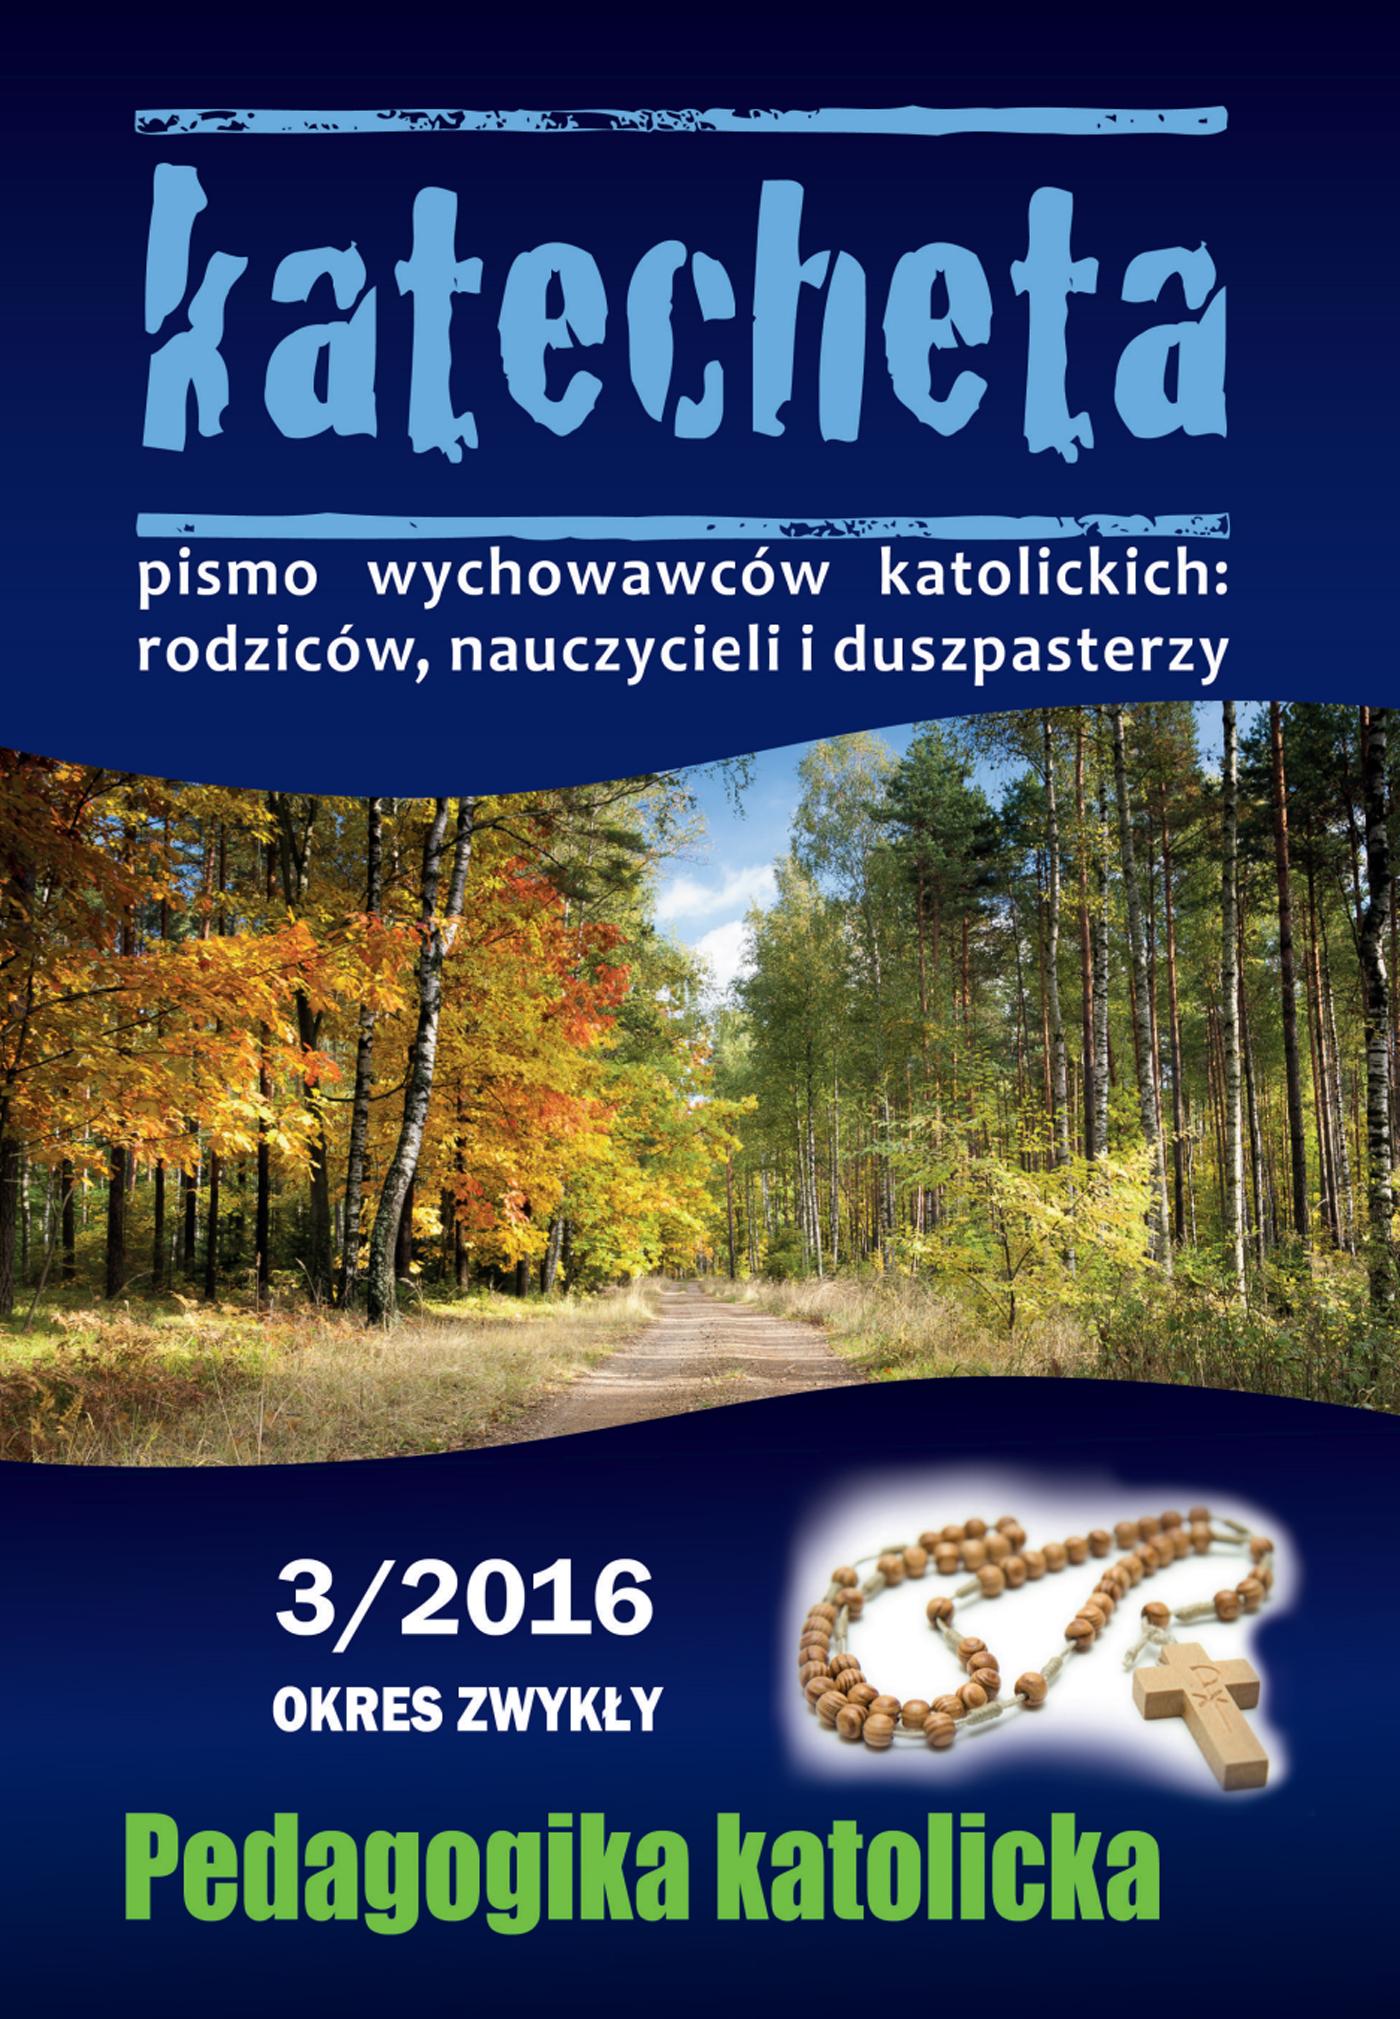 katecheta_3_2016_0209-1291-1